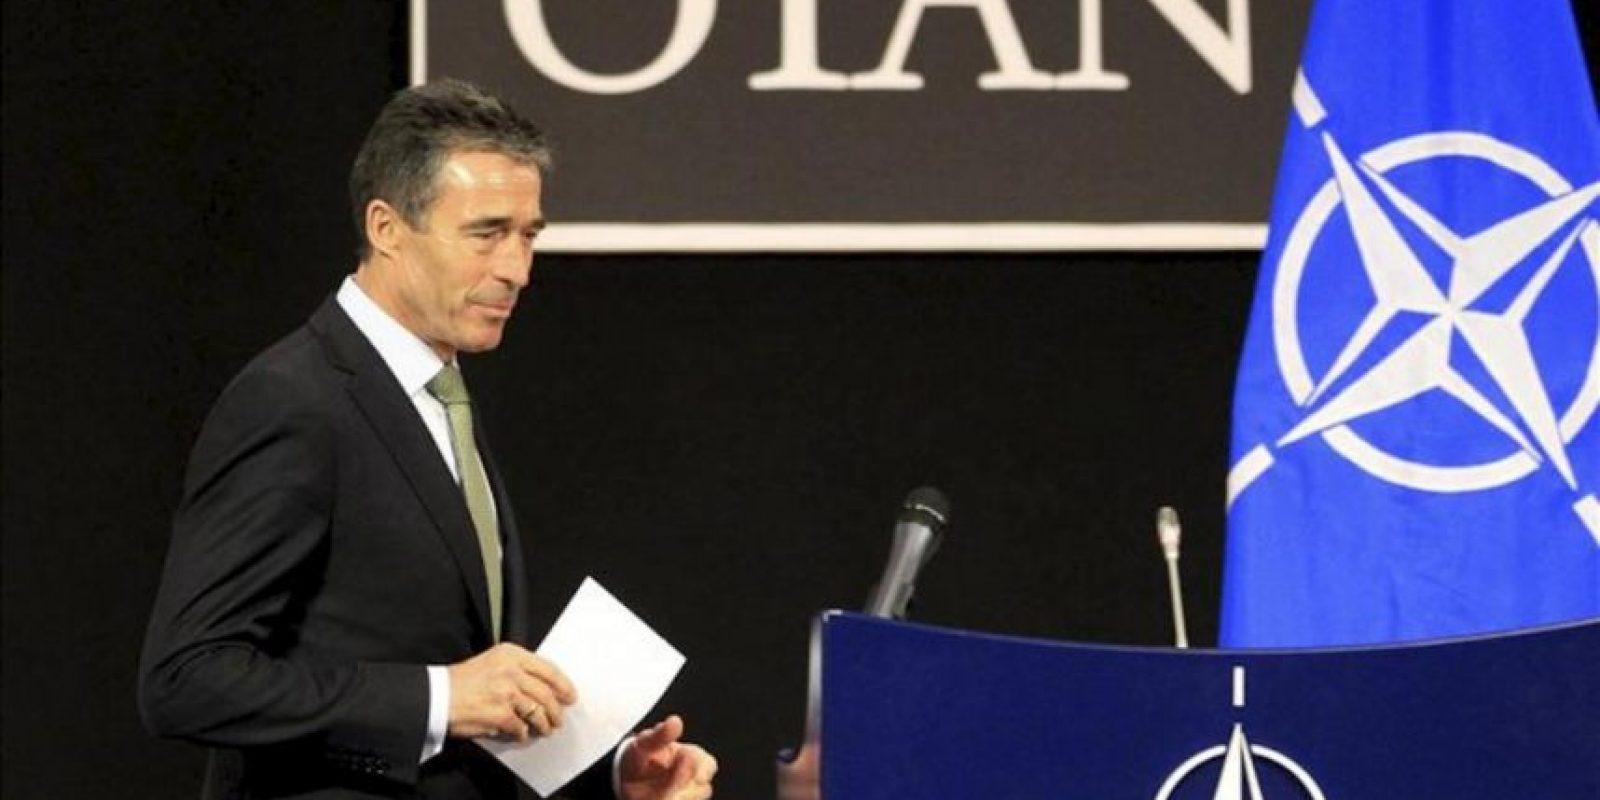 El secretario general de la OTAN, Anders Fogh Rasmussen, llega a una rueda de prensa en Bruselas, Bélgica, hoy, jueves 19 de abril de 2012. EFE